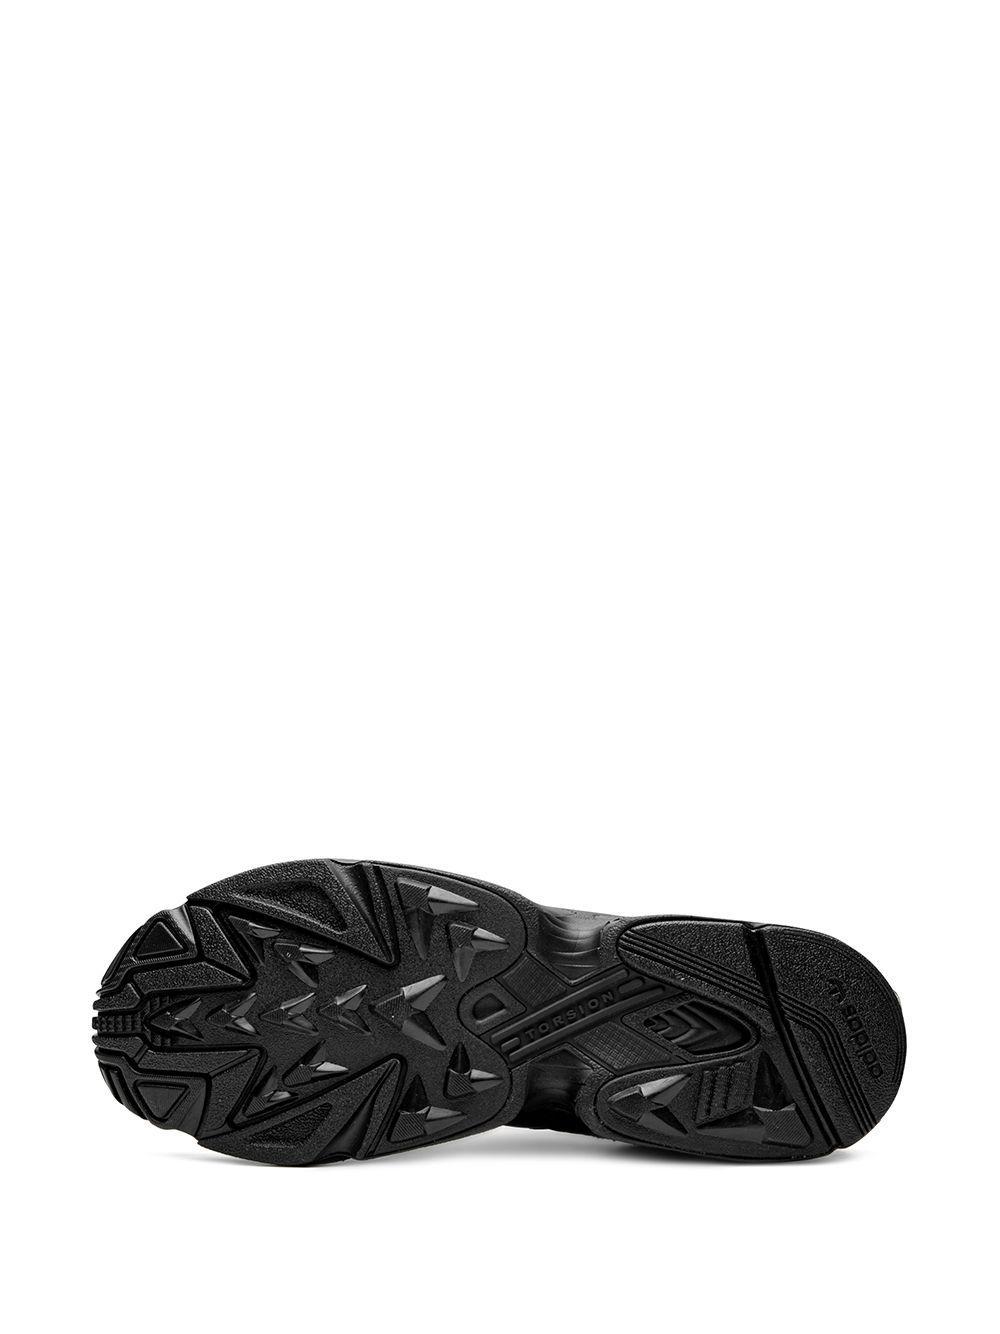 Baskets Yung-96 adidas pour homme en coloris Noir